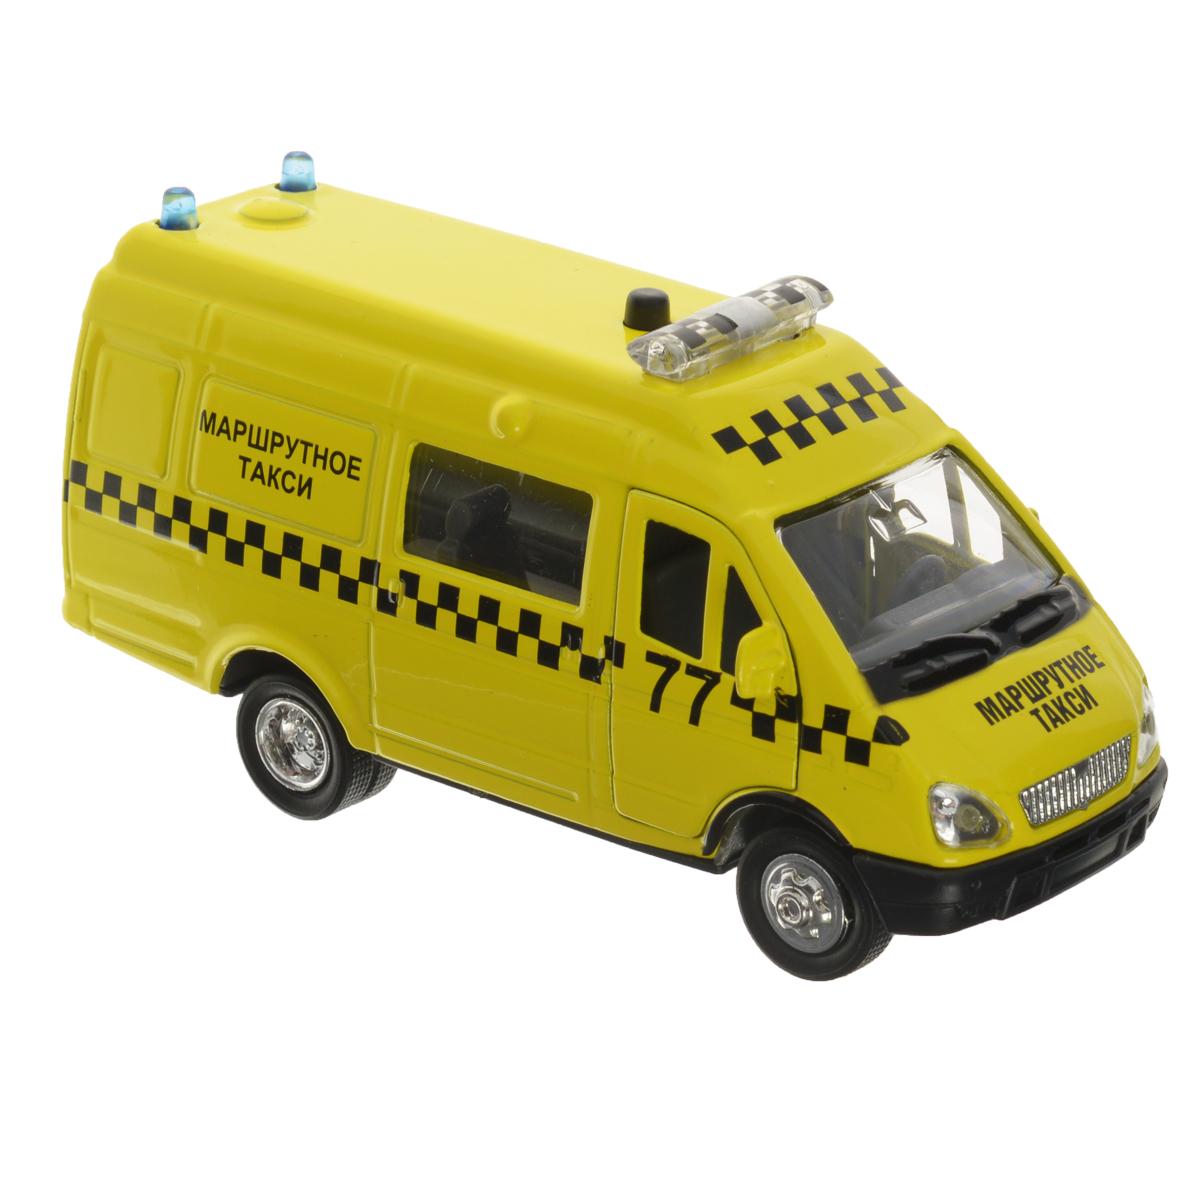 ТехноПарк Машинка инерционная Газель Маршрутное таксиCT-1276-22Инерционная машинка ТехноПарк Газель: Маршрутное такси, выполненная из пластика и металла, станет любимой игрушкой вашего малыша. Игрушка представляет собой модель автомобиля такси марки Газель. У машинки открываются передние, задние и боковая дверцы. При нажатии на кнопку на крыше модели замигают проблесковые маячки и раздастся голос водителя. Игрушка оснащена инерционным ходом. Машинку необходимо отвести назад, затем отпустить - и она быстро поедет вперед. Прорезиненные колеса обеспечивают надежное сцепление с любой гладкой поверхностью. Ваш ребенок будет часами играть с этой машинкой, придумывая различные истории. Порадуйте его таким замечательным подарком! Машинка работает от батареек (товар комплектуется демонстрационными).